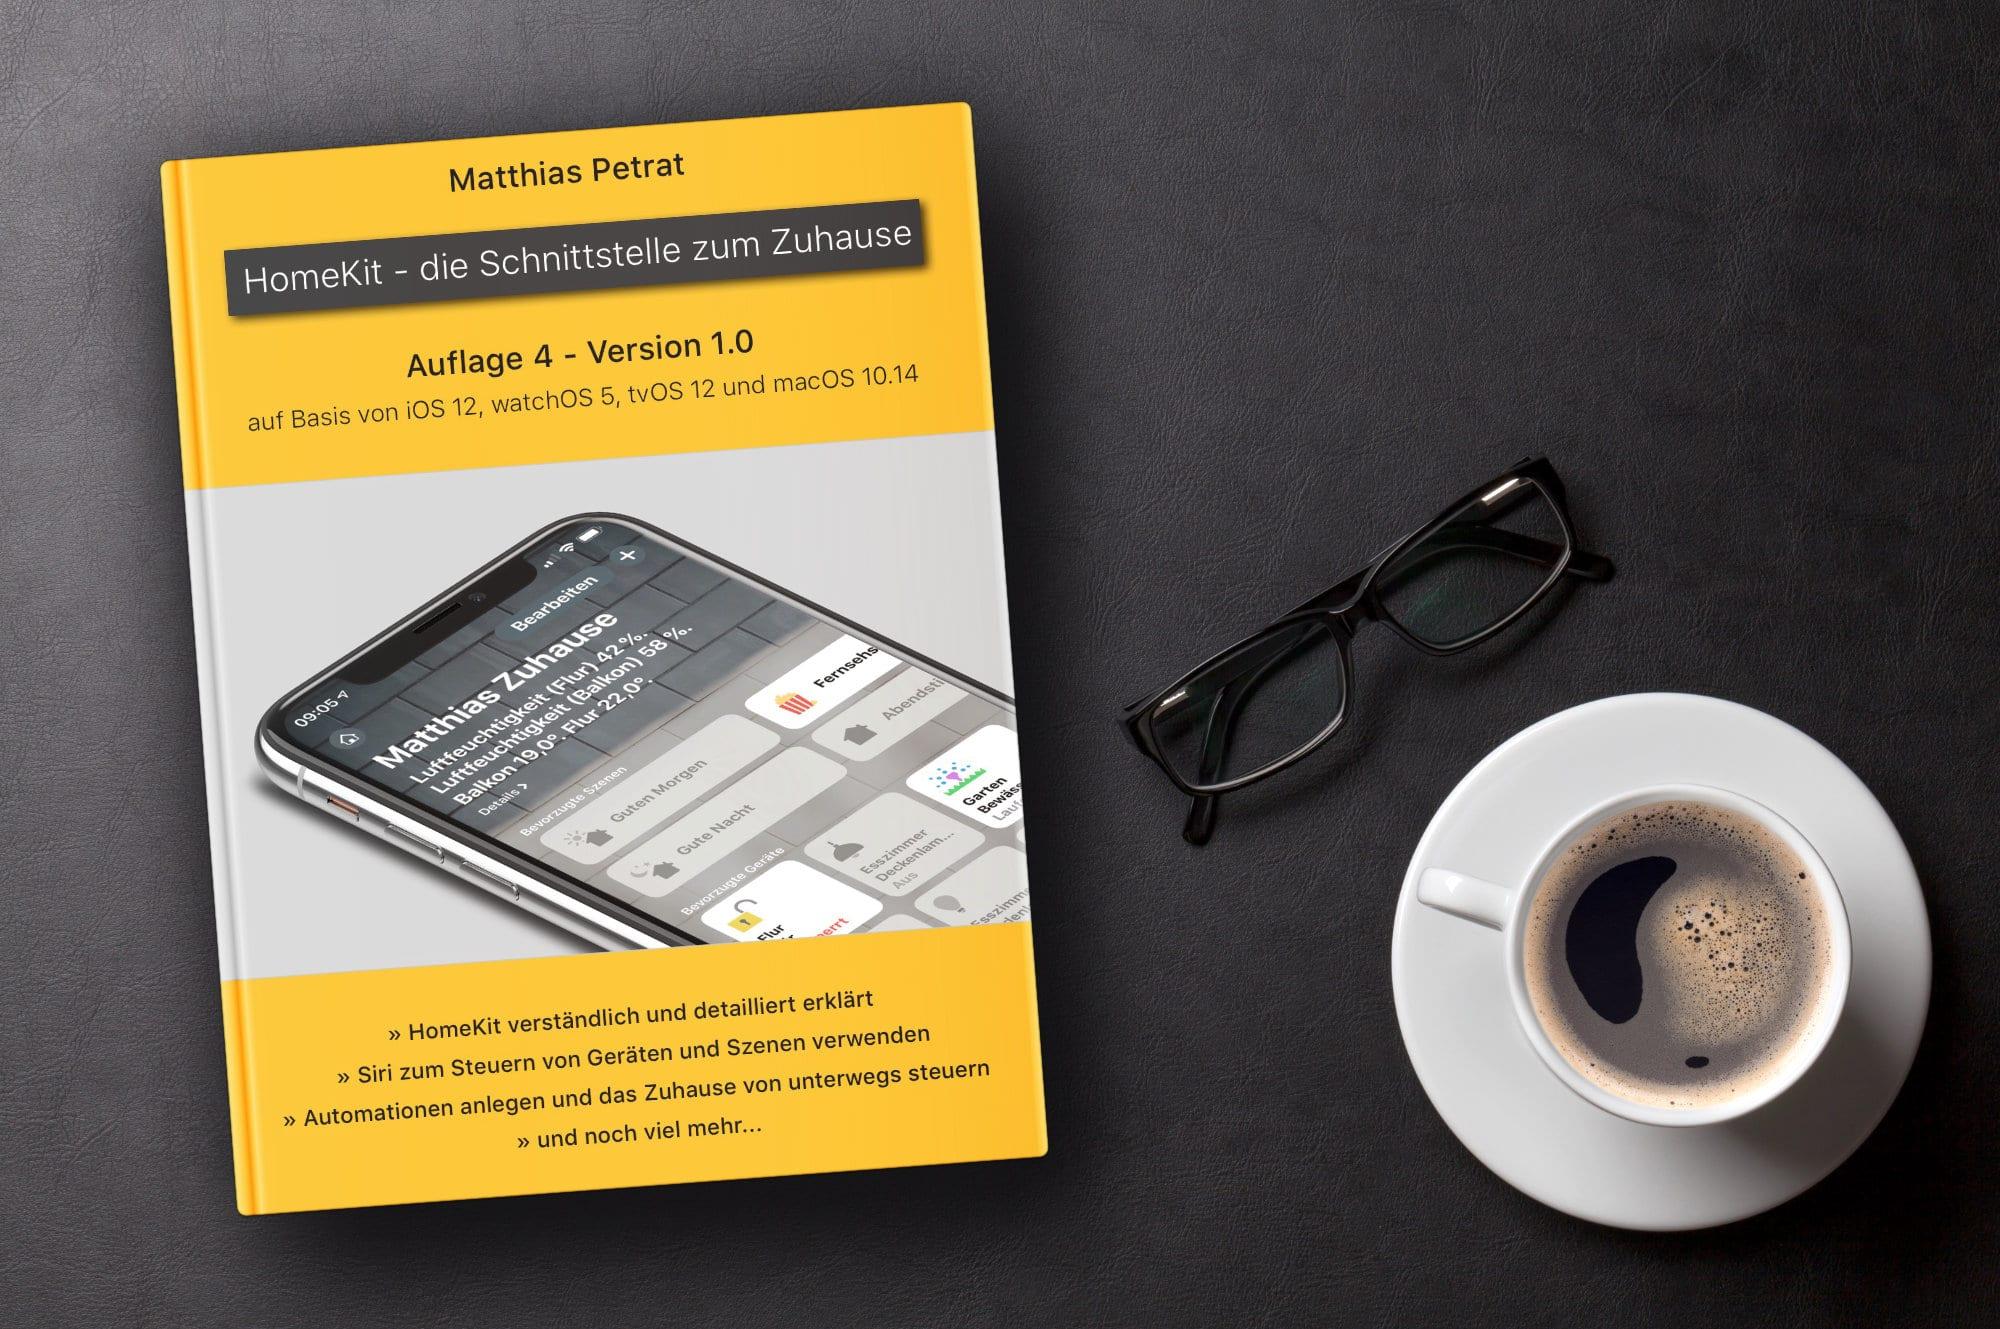 HomeKit Buch erscheint in 4. Auflage